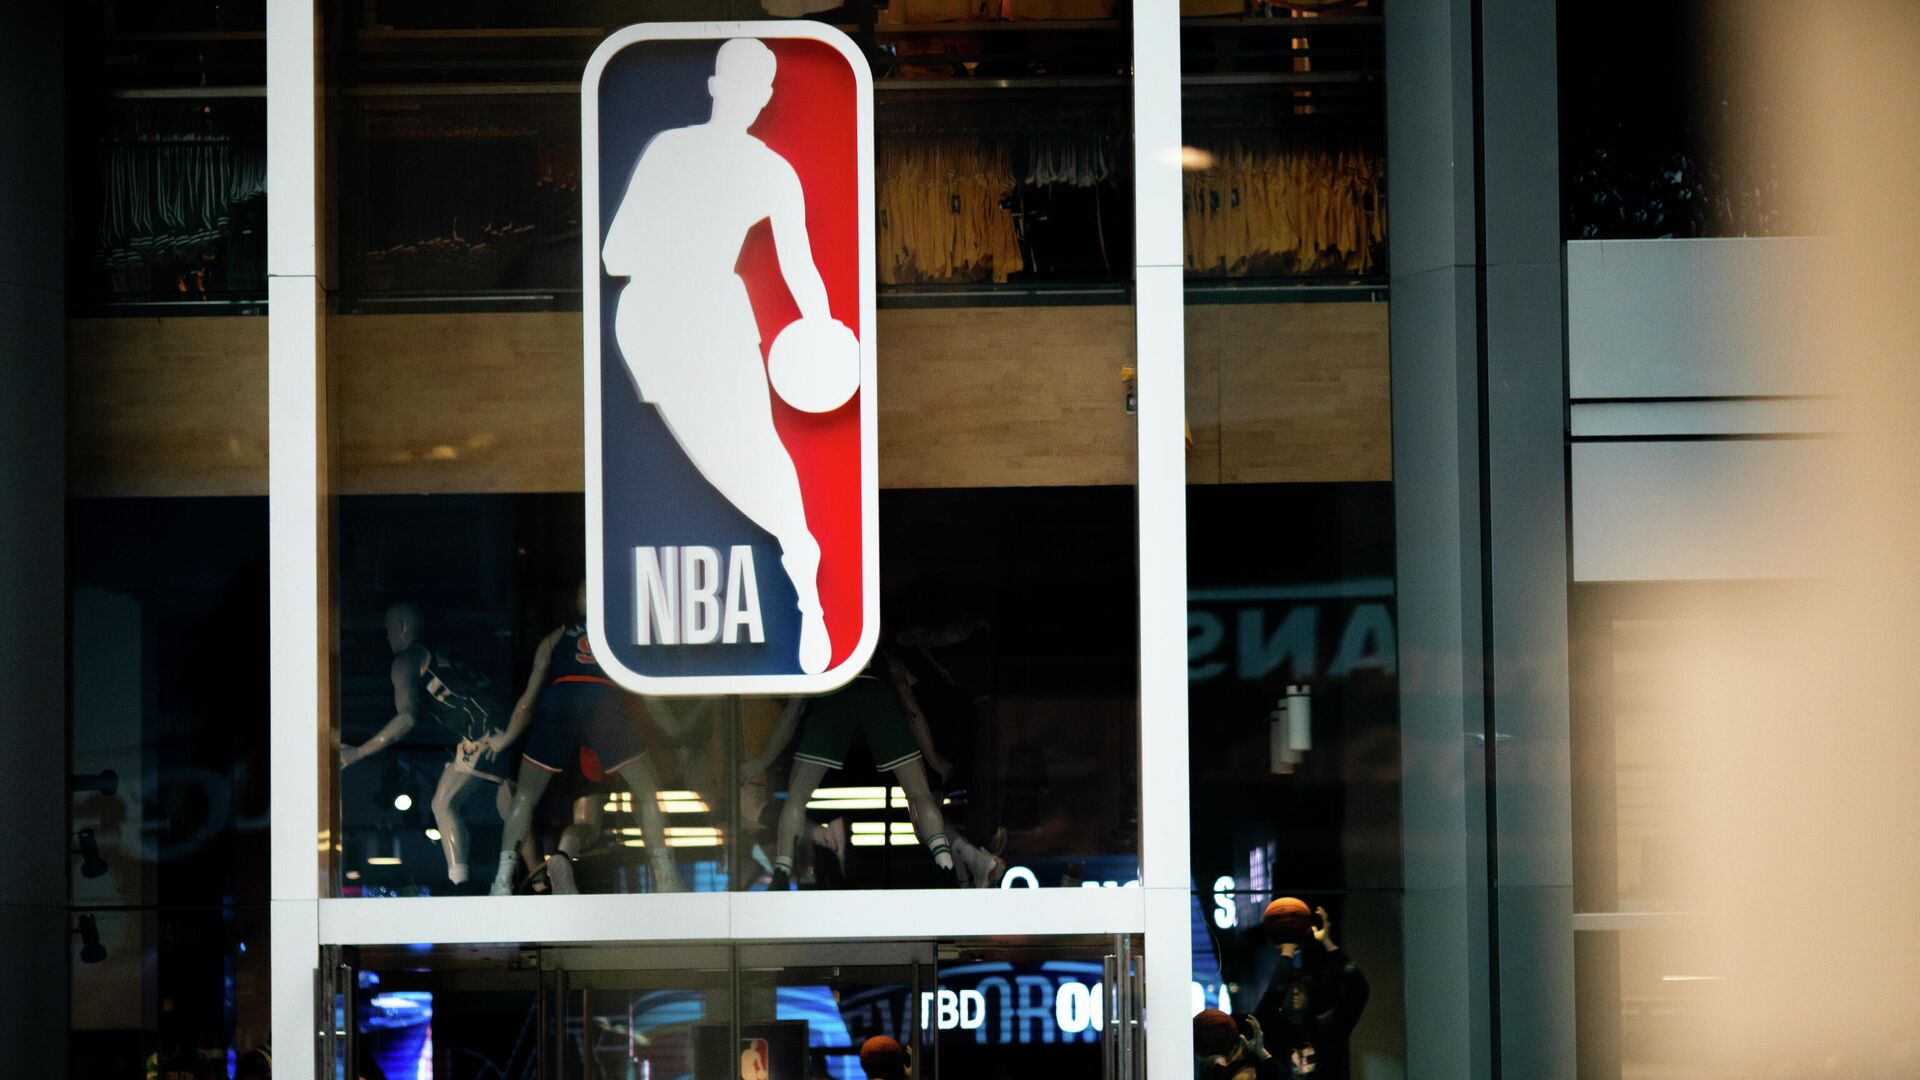 Логотип Национальной баскетбольной ассоциации (НБА) - РИА Новости, 1920, 16.09.2020